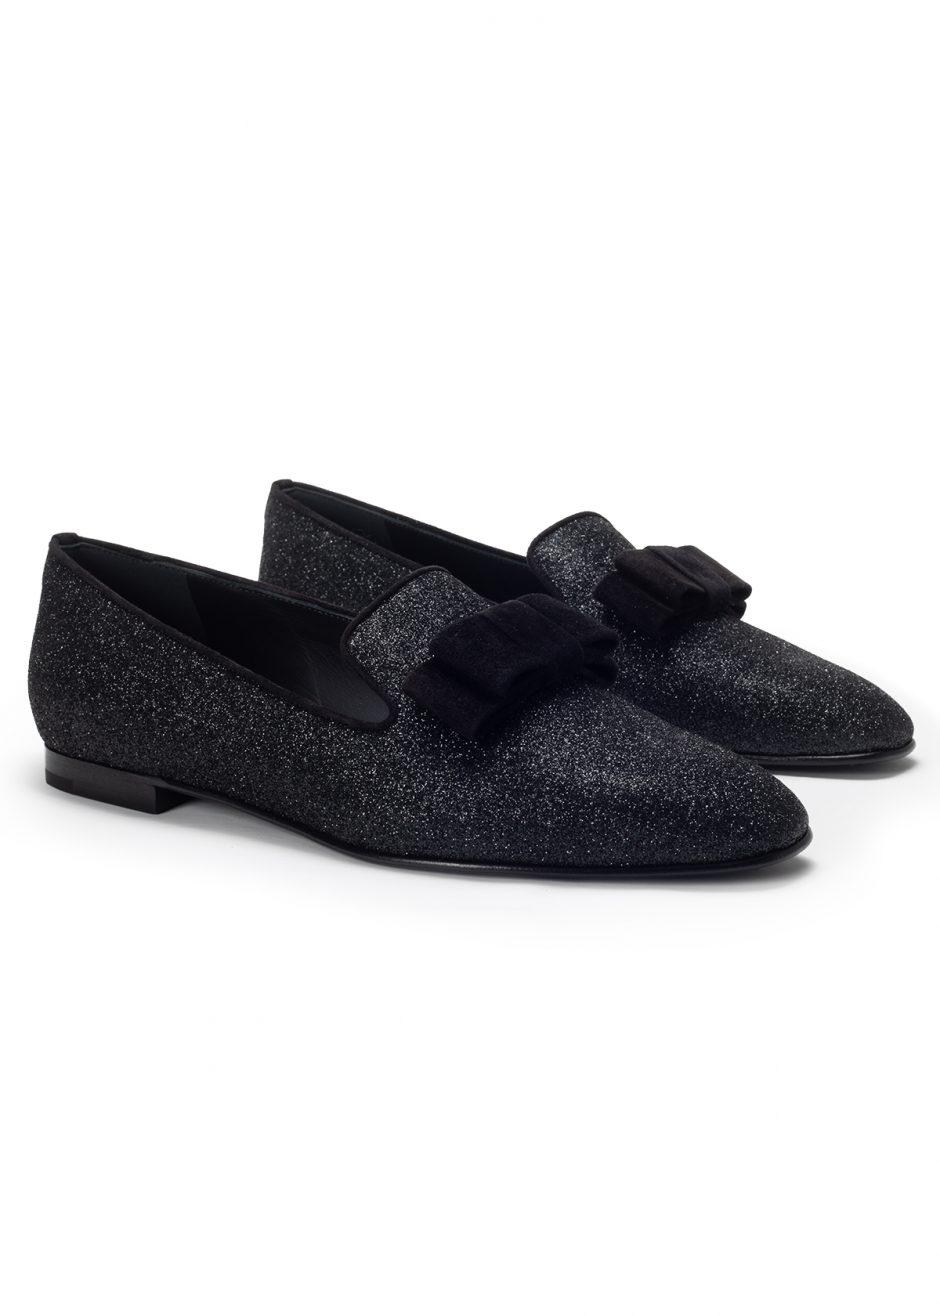 Vicky – Ballet flat glitter black satin